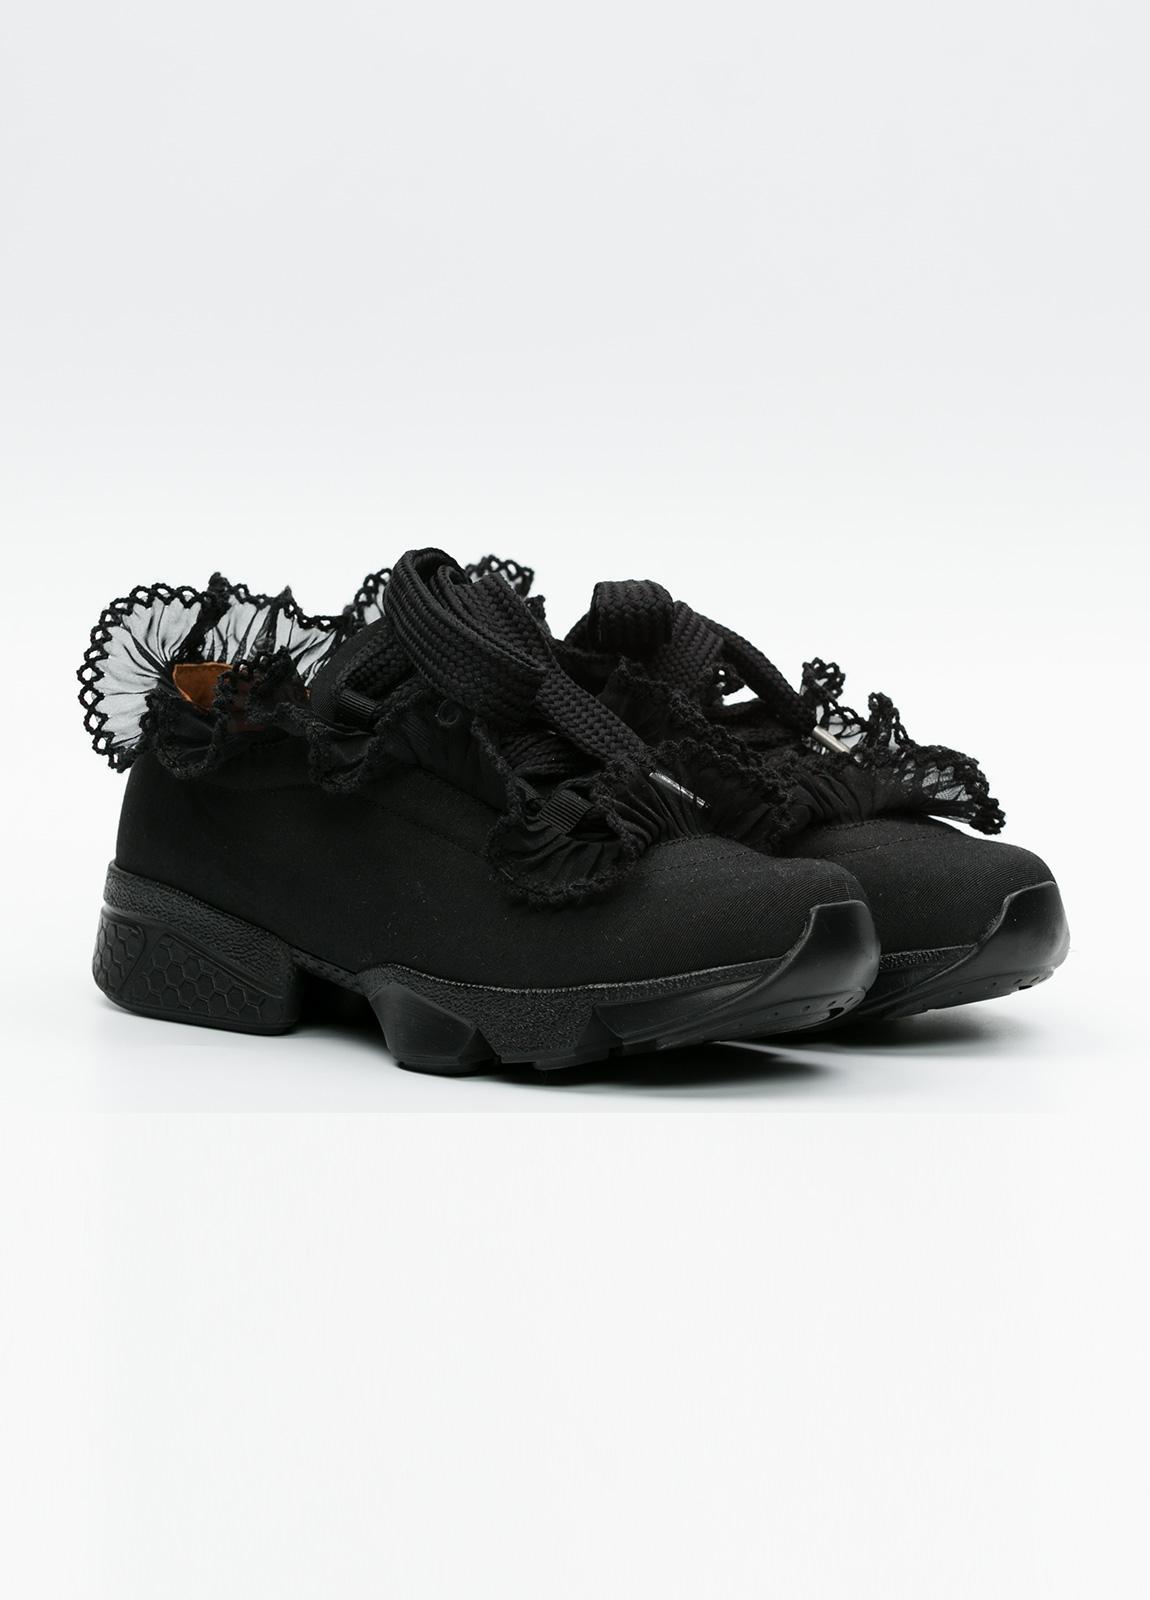 Calzado sport woman color negro cordones con detalle volantes. - Ítem3